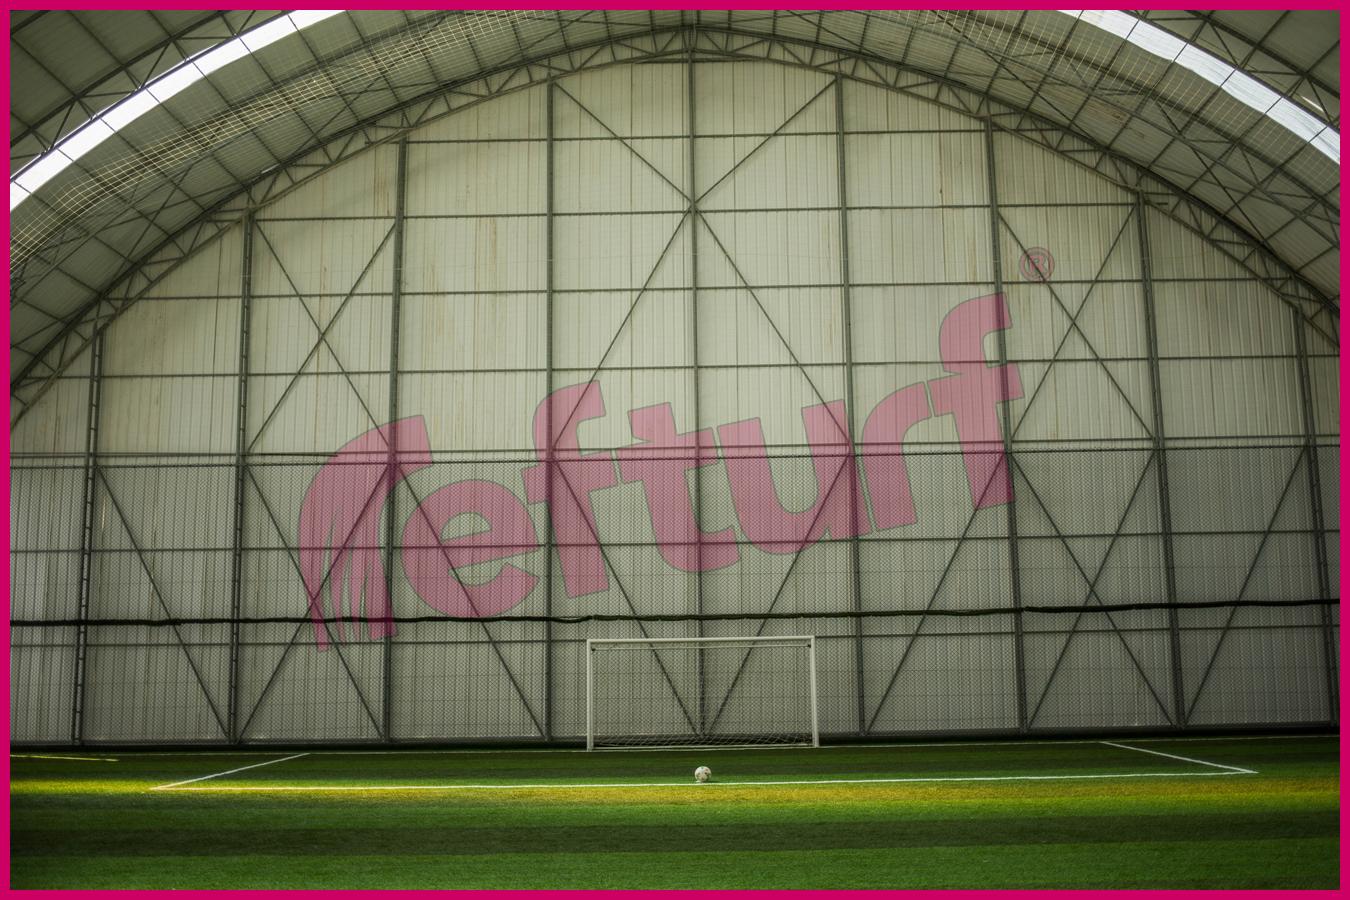 amasya kapalı halı saha, amasya sporium spor tesisi, amasya kapalı spor salonu,